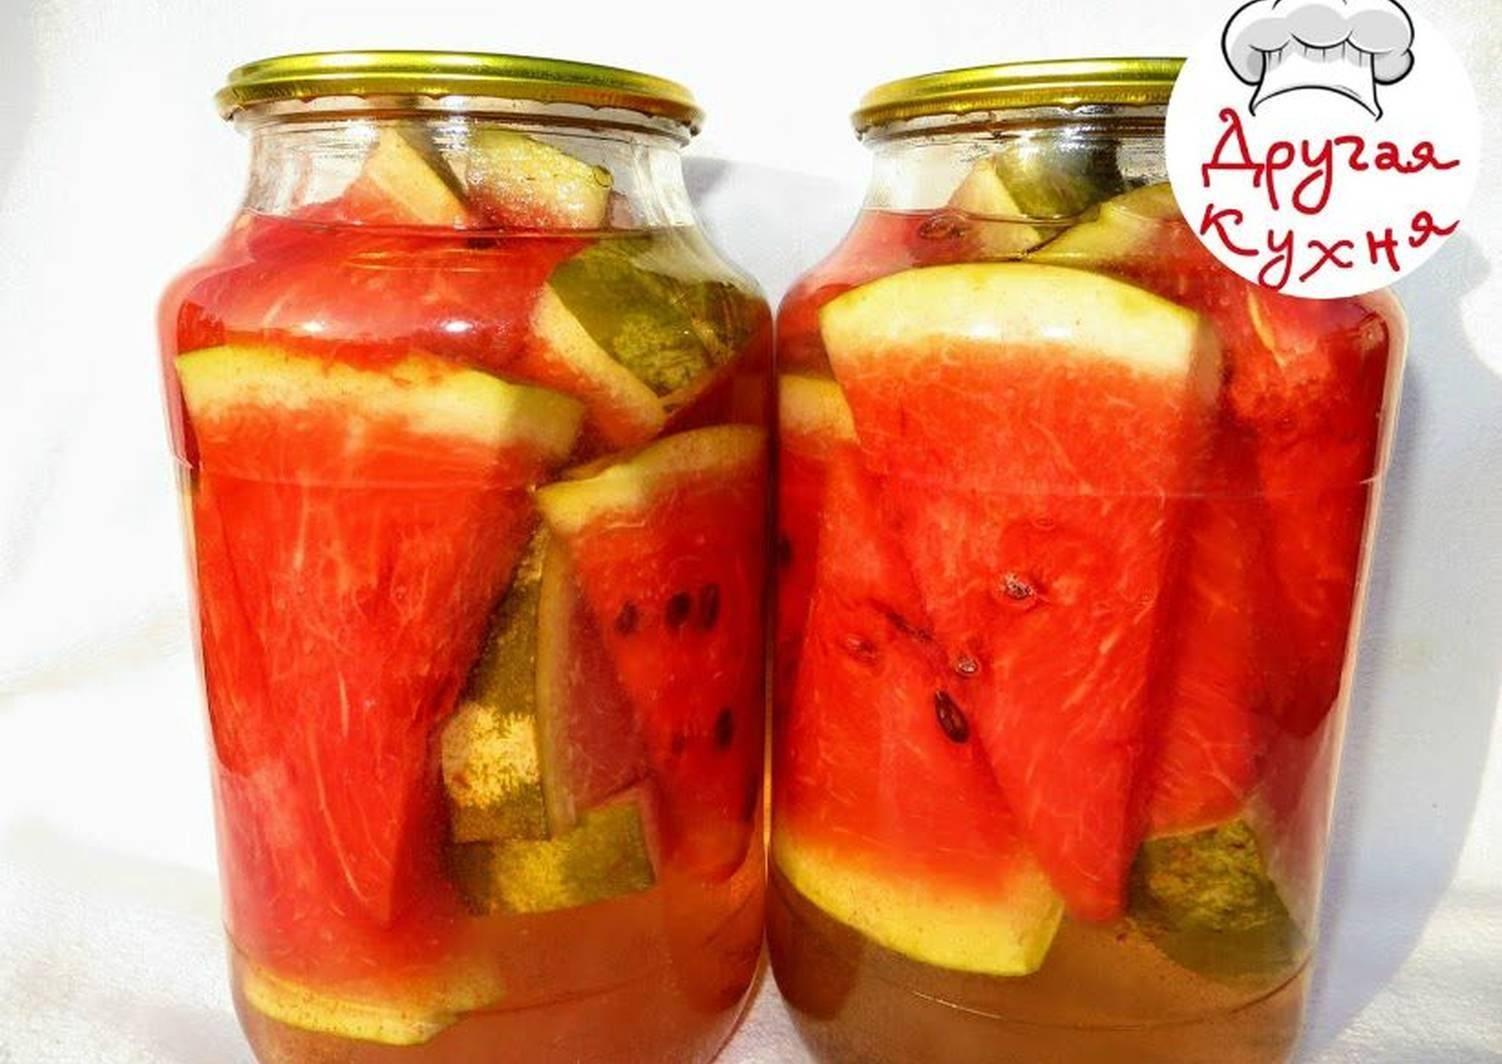 Как закрыть арбузы в банках на зиму. вкусные рецепты заготовки арбузов на зиму в банках